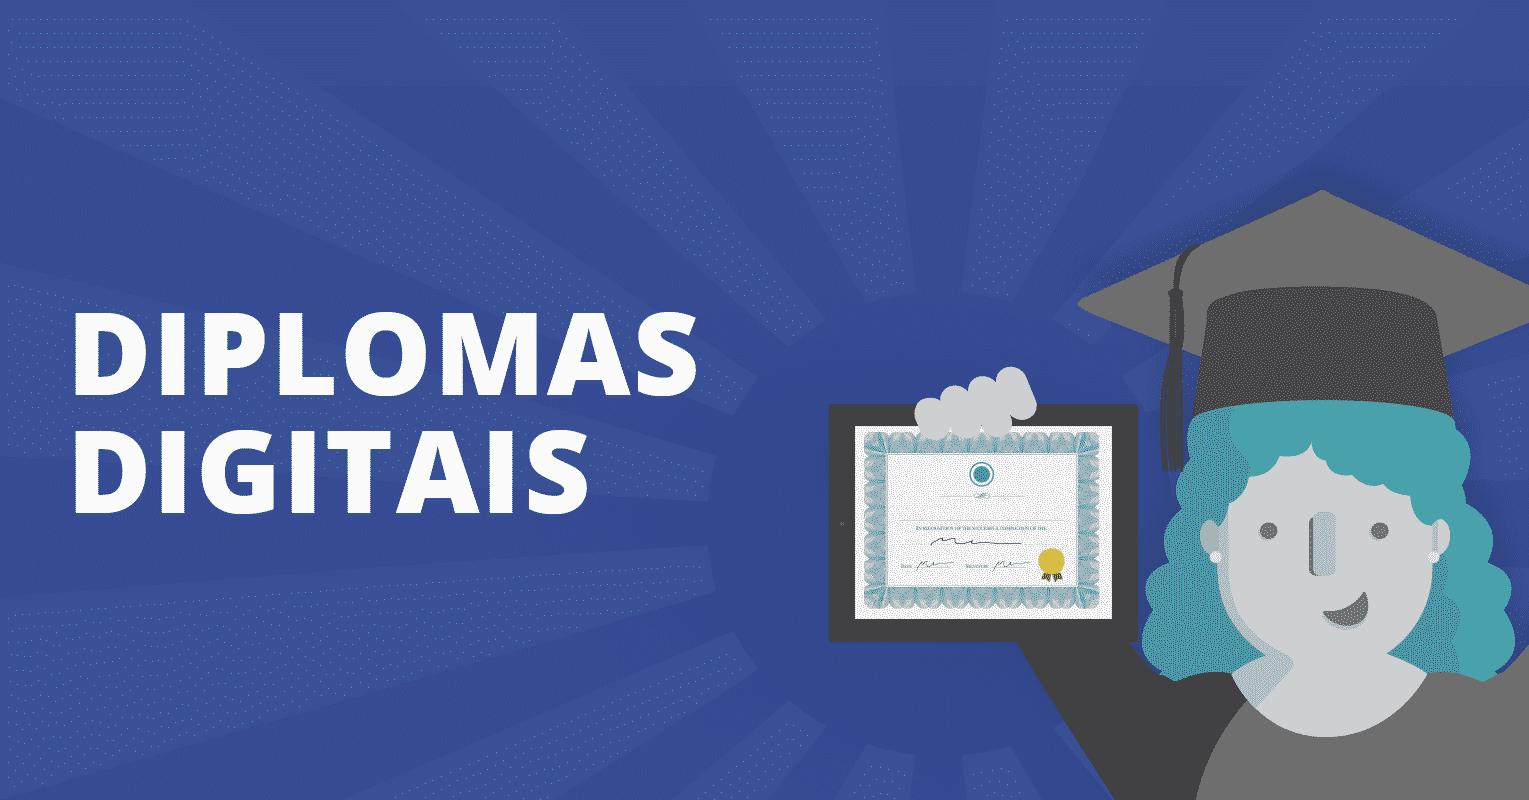 Diplomas Digitais